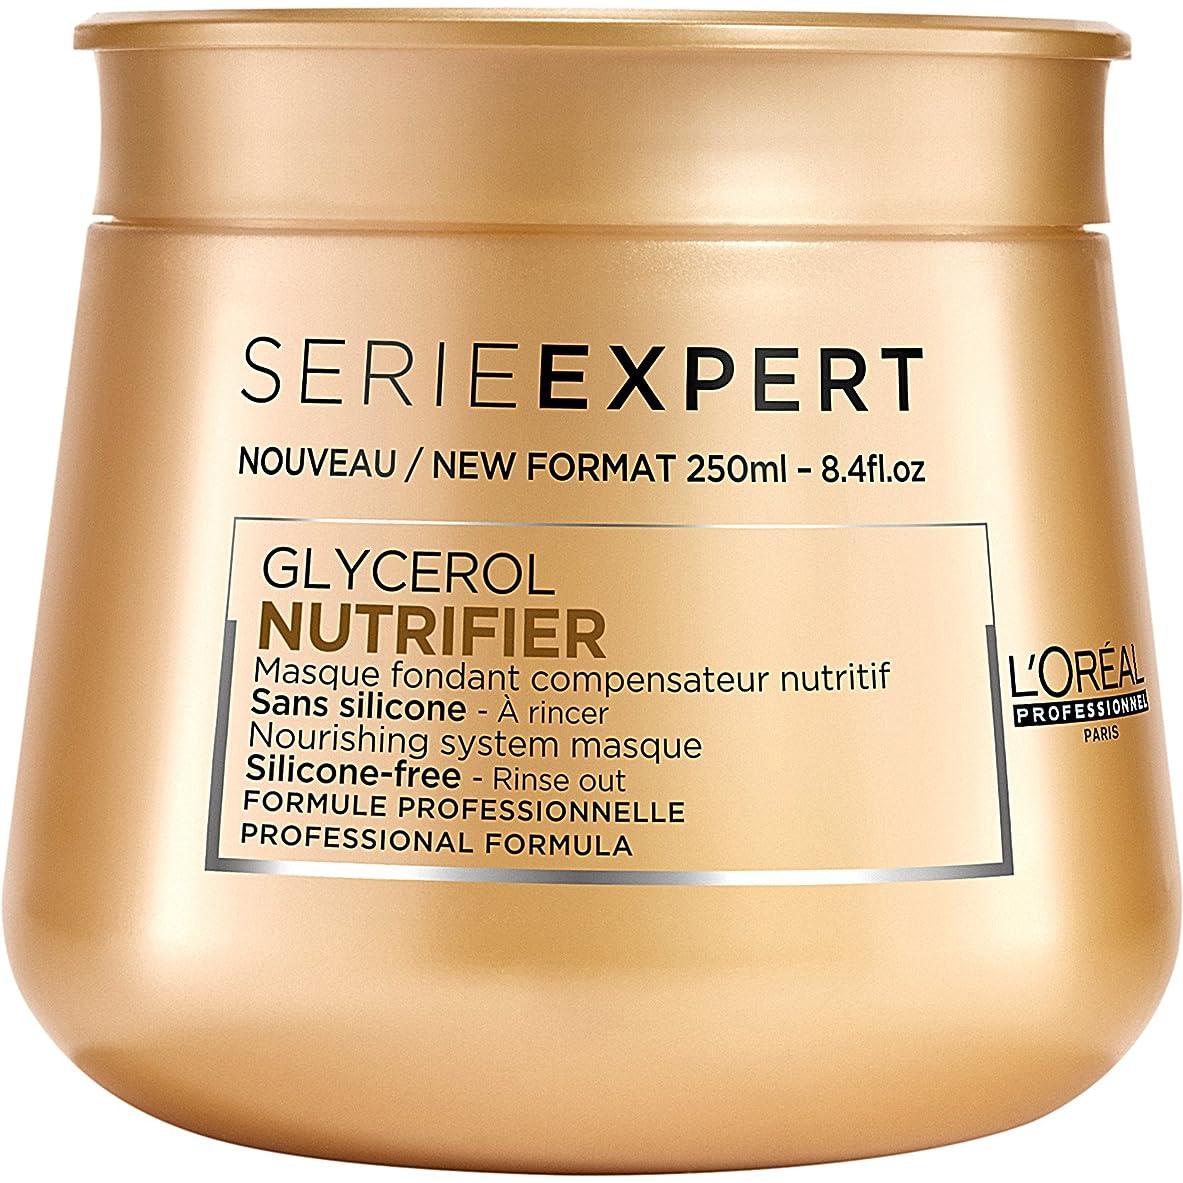 突き出す病者悲観的L'Oreal Serie Expert Glycerol NUTRIFIER Nourishing System Masque 250 ml [並行輸入品]